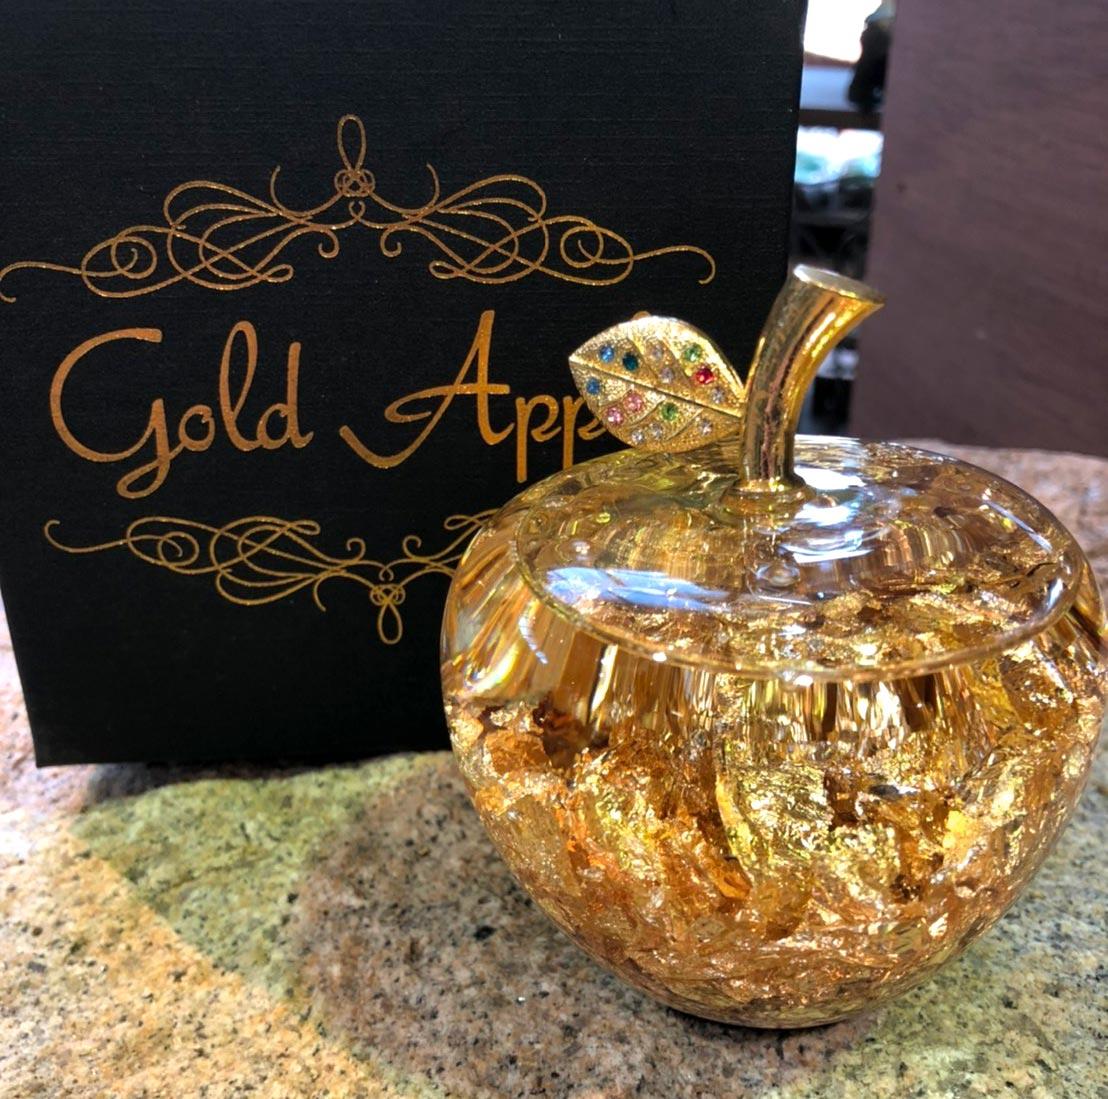 【新商品】キラキラの黄金のリンゴで今年は金運UP!プレゼントにも【雑貨】